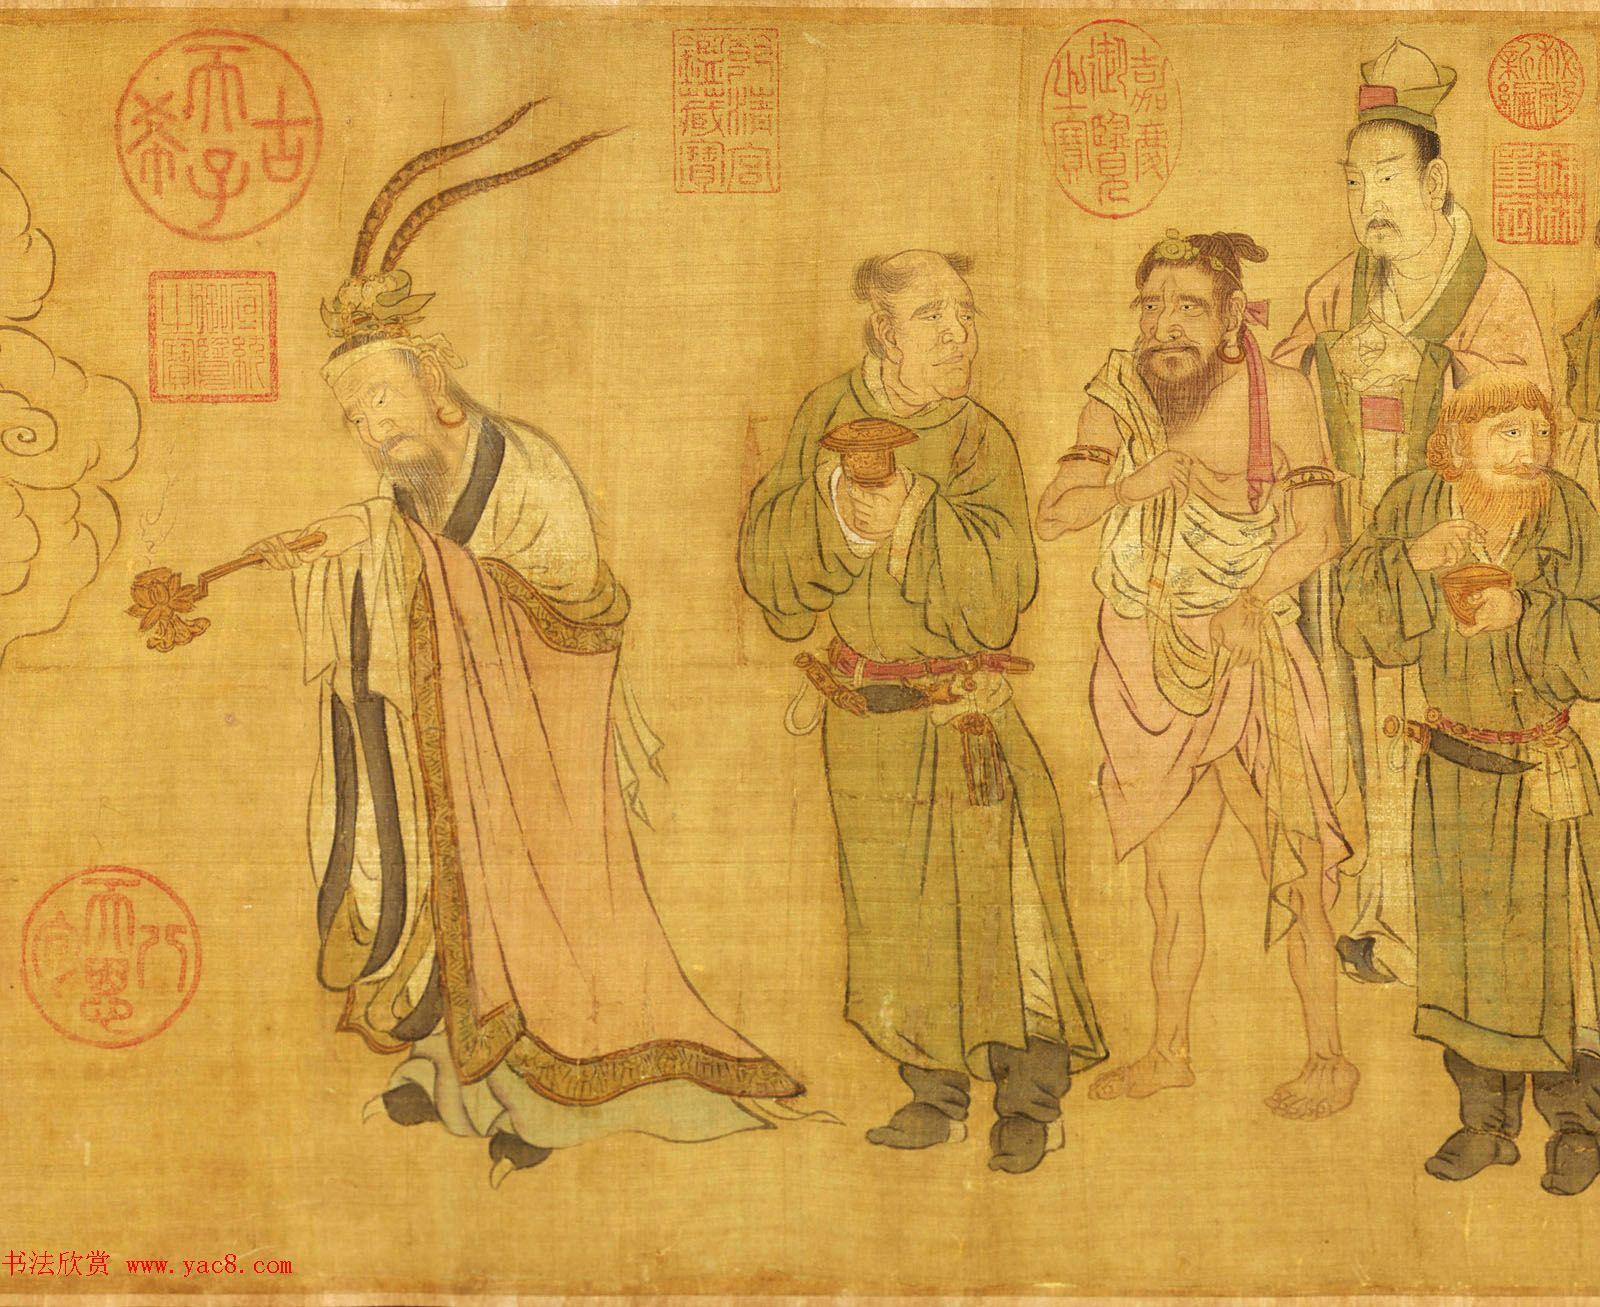 宋代赵光辅人物画欣赏《番王礼佛图》